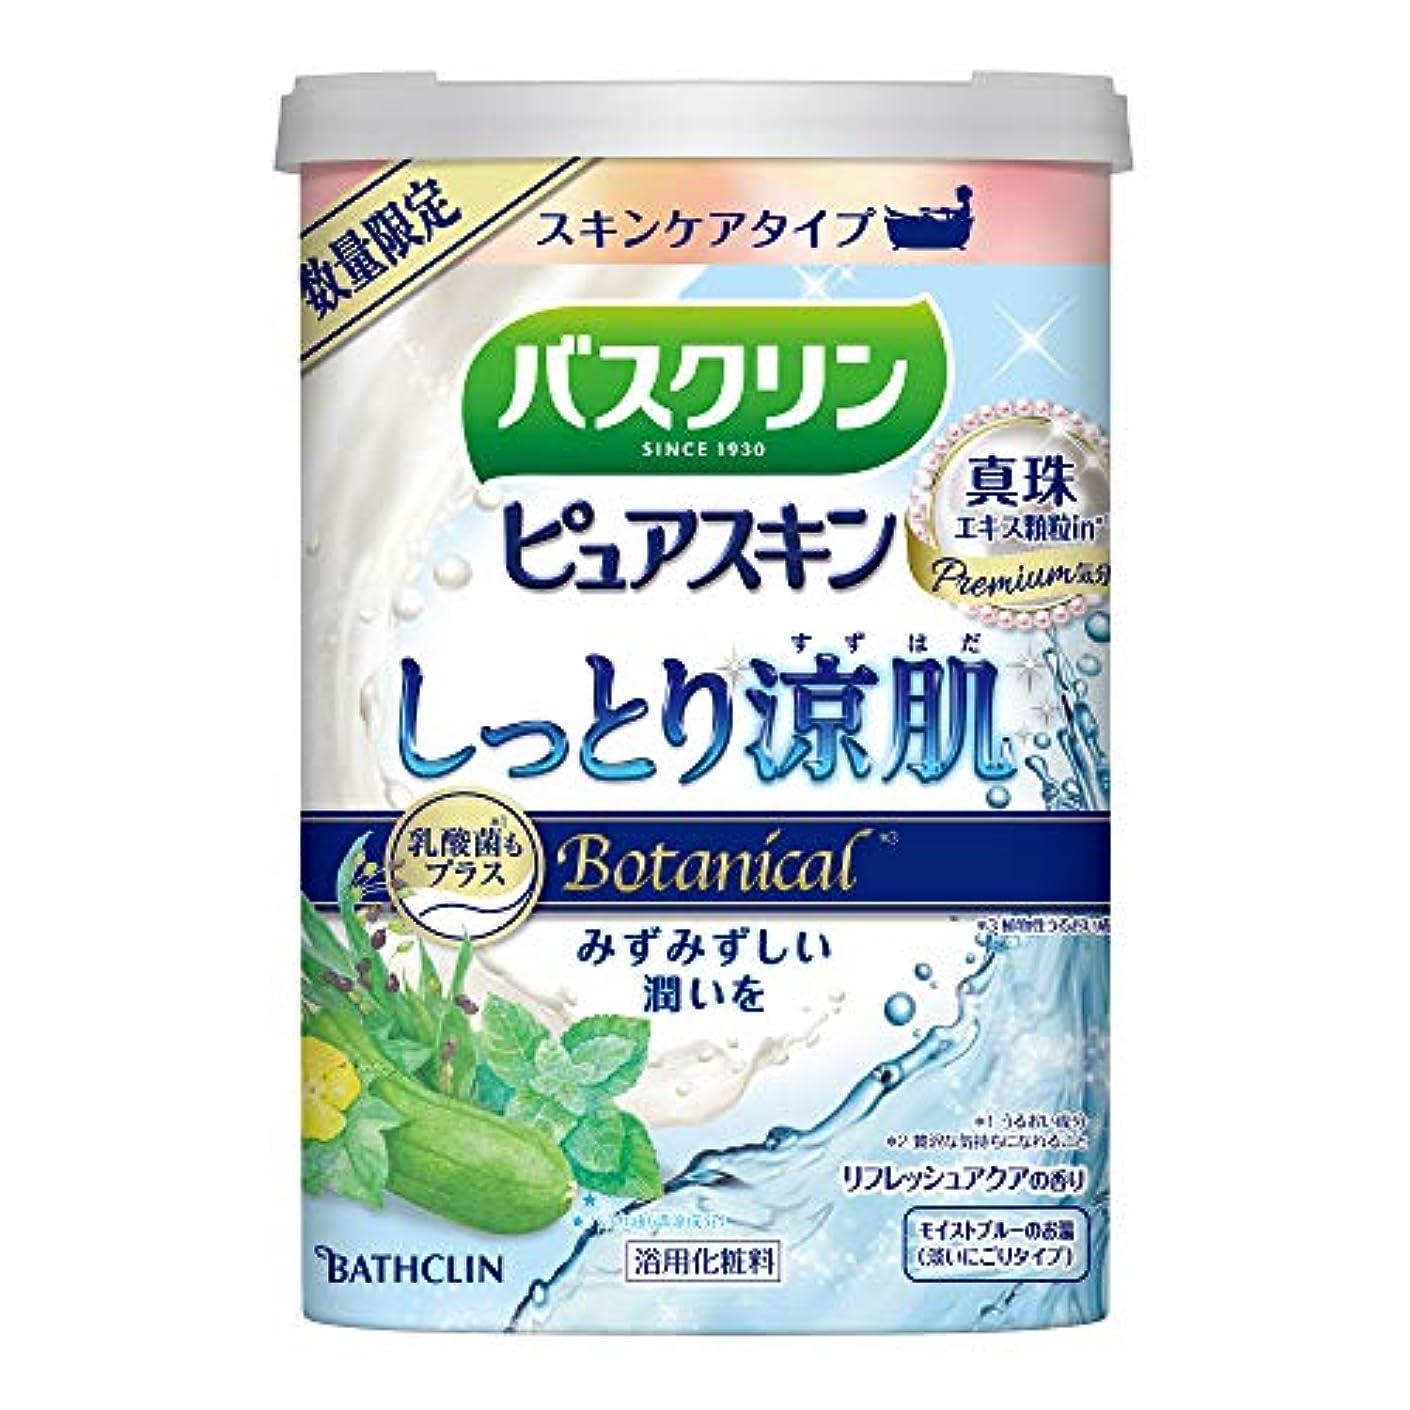 フォーカス未亡人価値【数量限定品】バスクリンピュアスキン入浴剤 しっとり涼肌600g(約30回分) スキンケアにごりタイプ 保湿